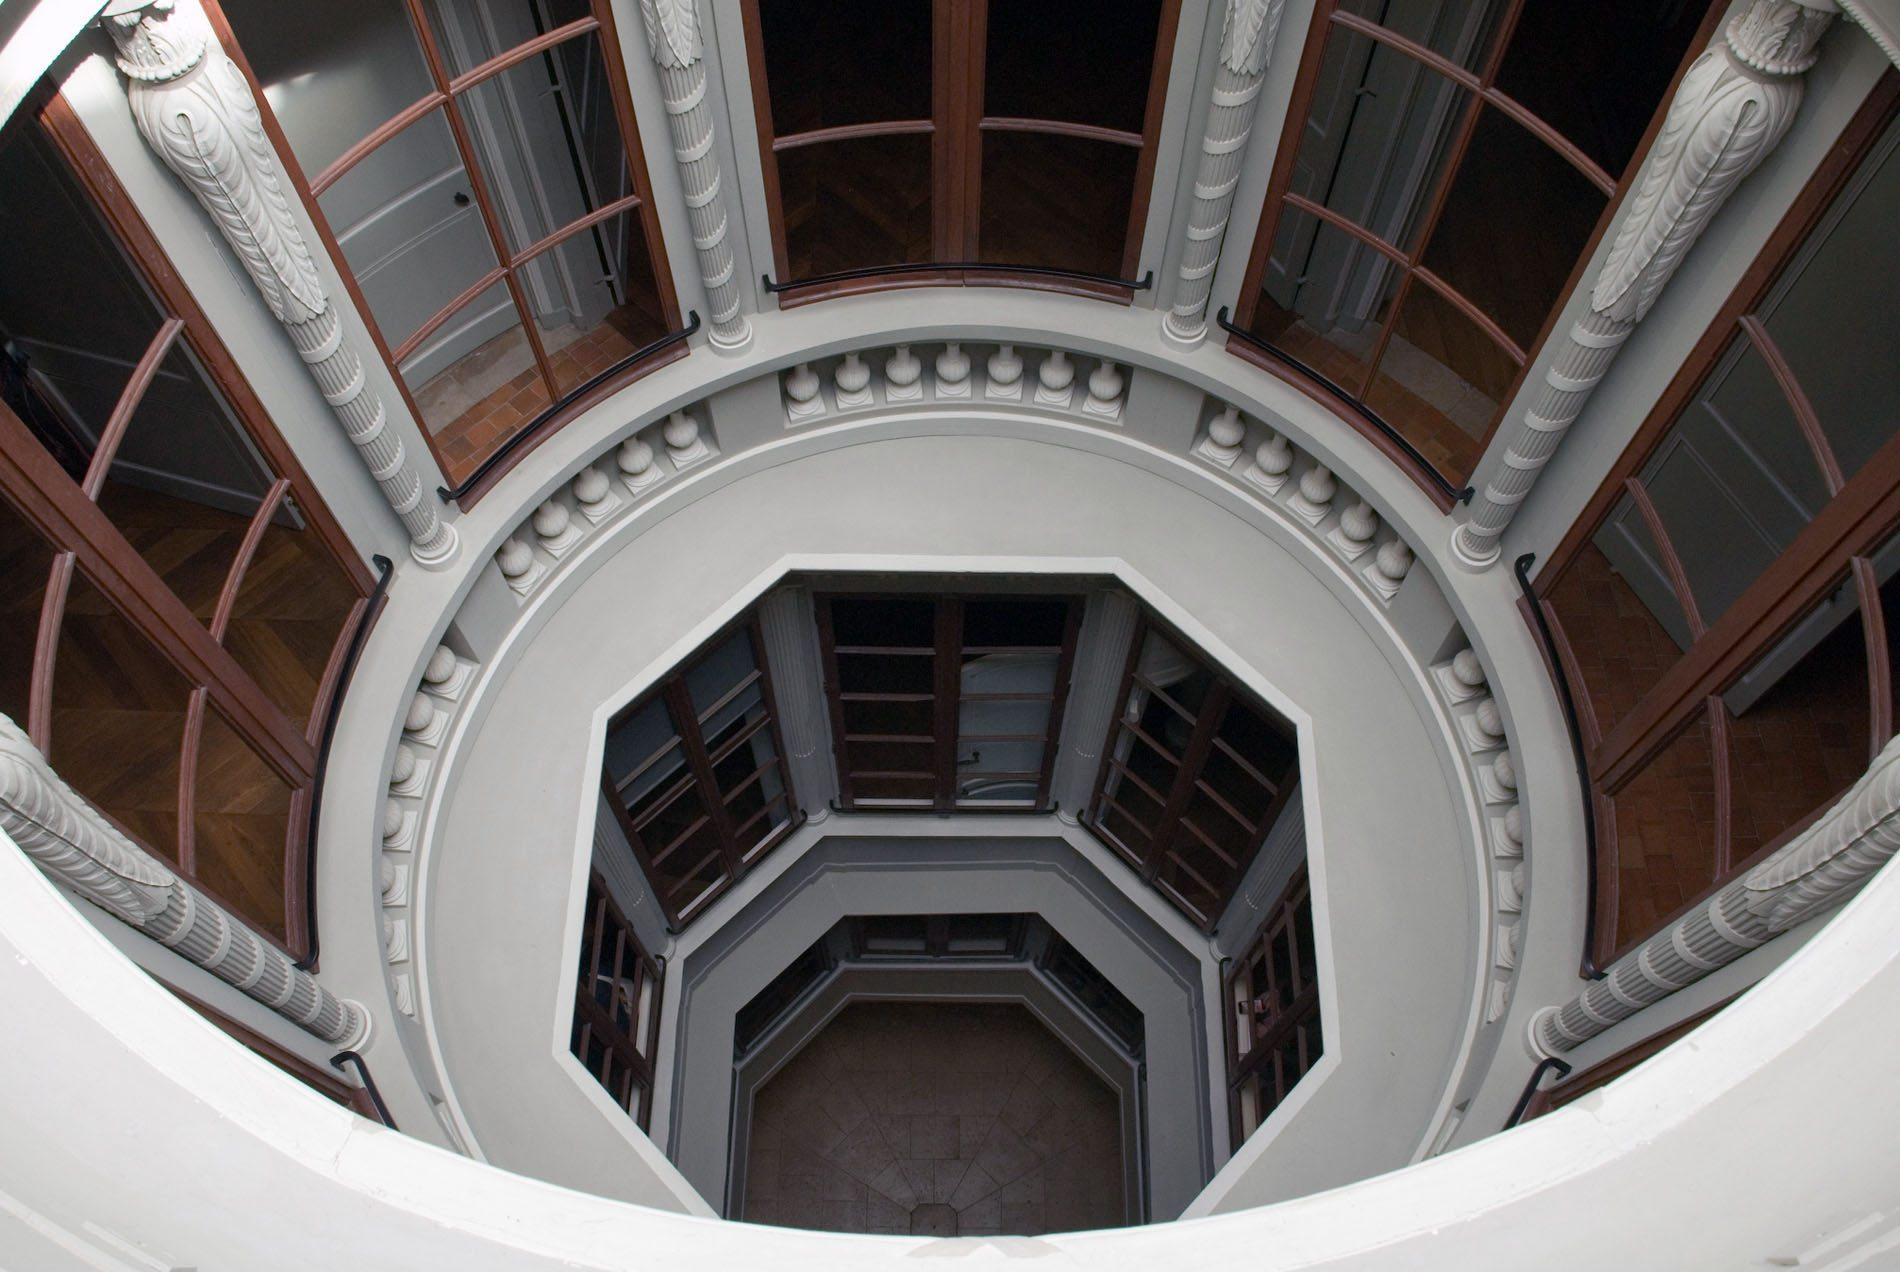 Parcours Les Bassins.  Das Museum ist der perfekte Ort, um Le Havres Geschichte als Hafen- und Handelsstadt im 18. Jahrhundert zu begreifen. Uns halfen zudem die skurilen Anekdoten des Historikers François Mortier auf unserer Führung durch das geschichtsträchtige Haus.